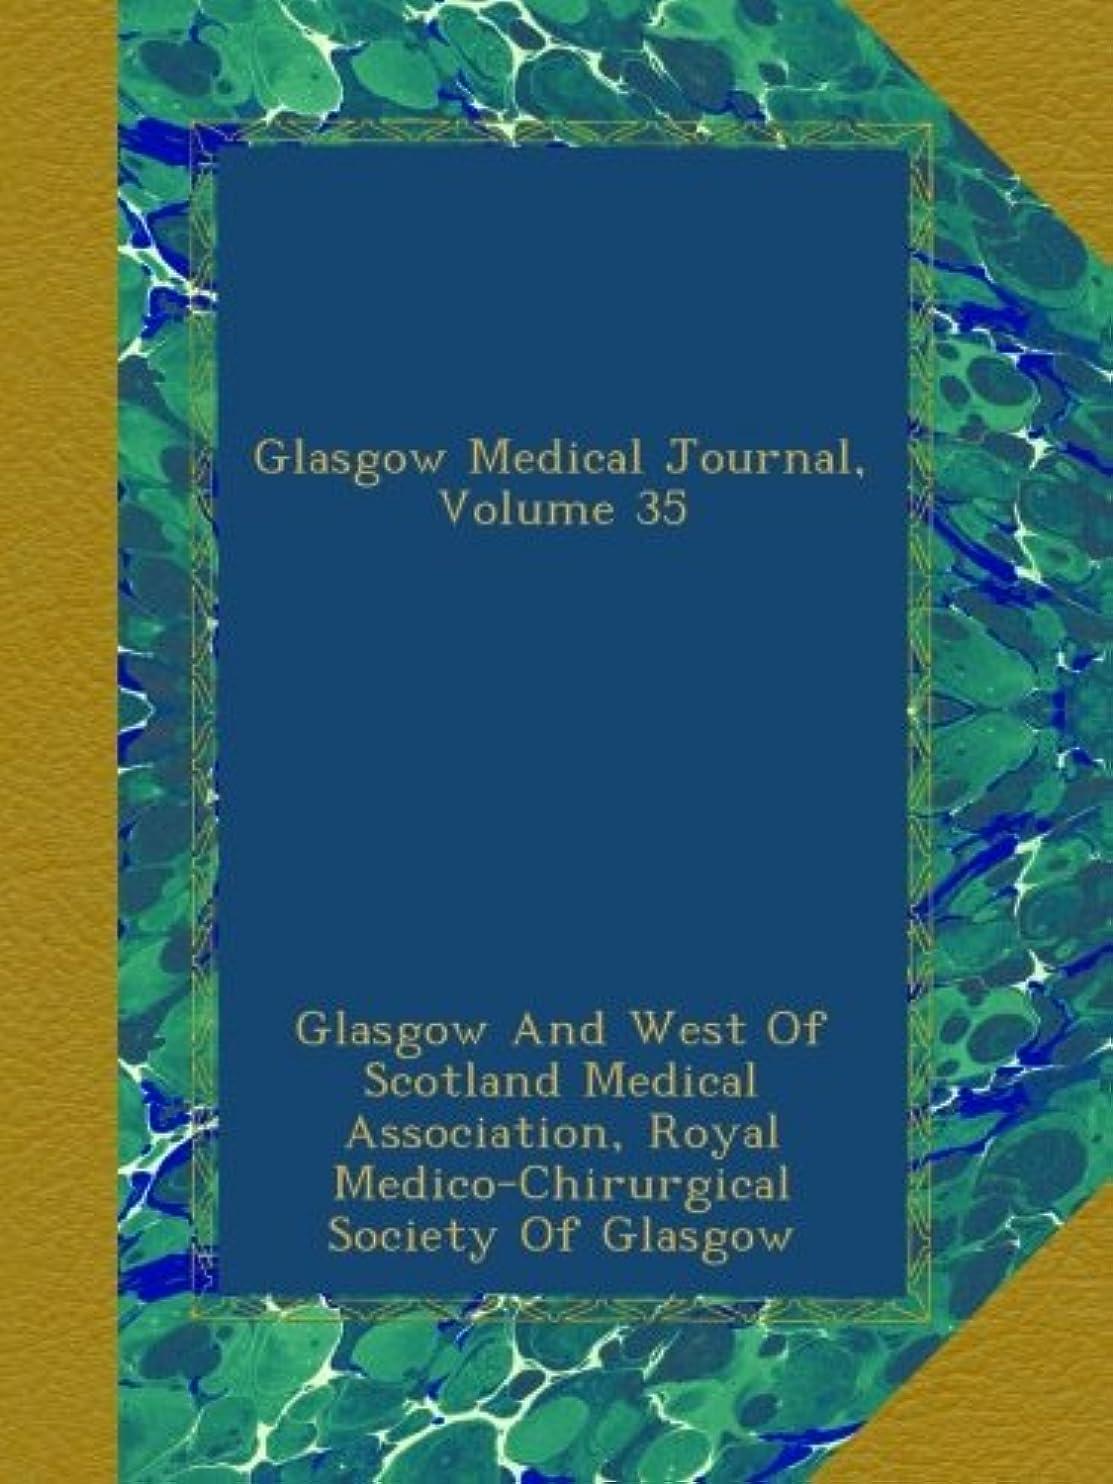 吐き出す控えめな不愉快にGlasgow Medical Journal, Volume 35